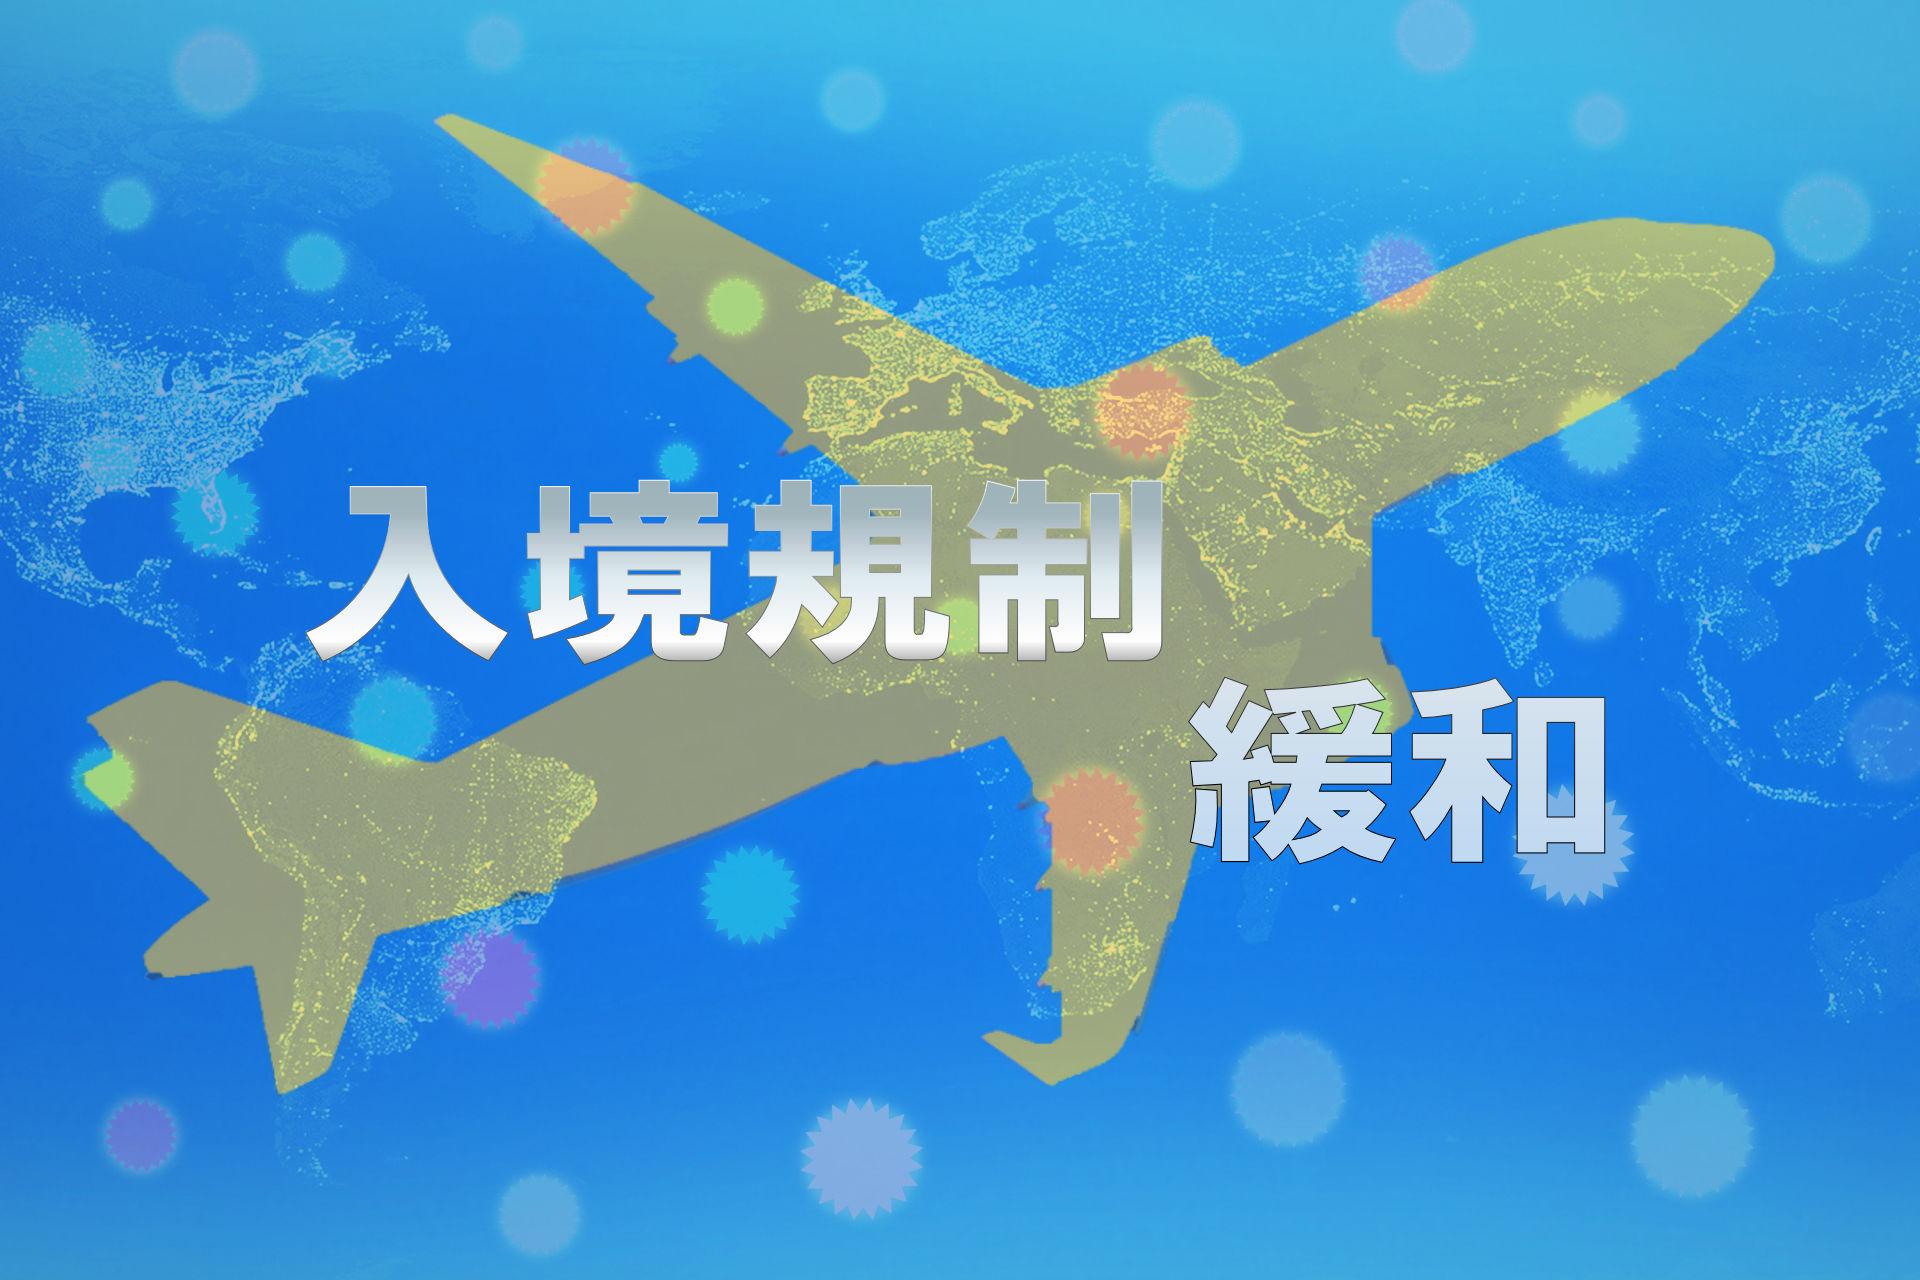 台湾の新型コロナウイルスの状況。入境規制が緩和